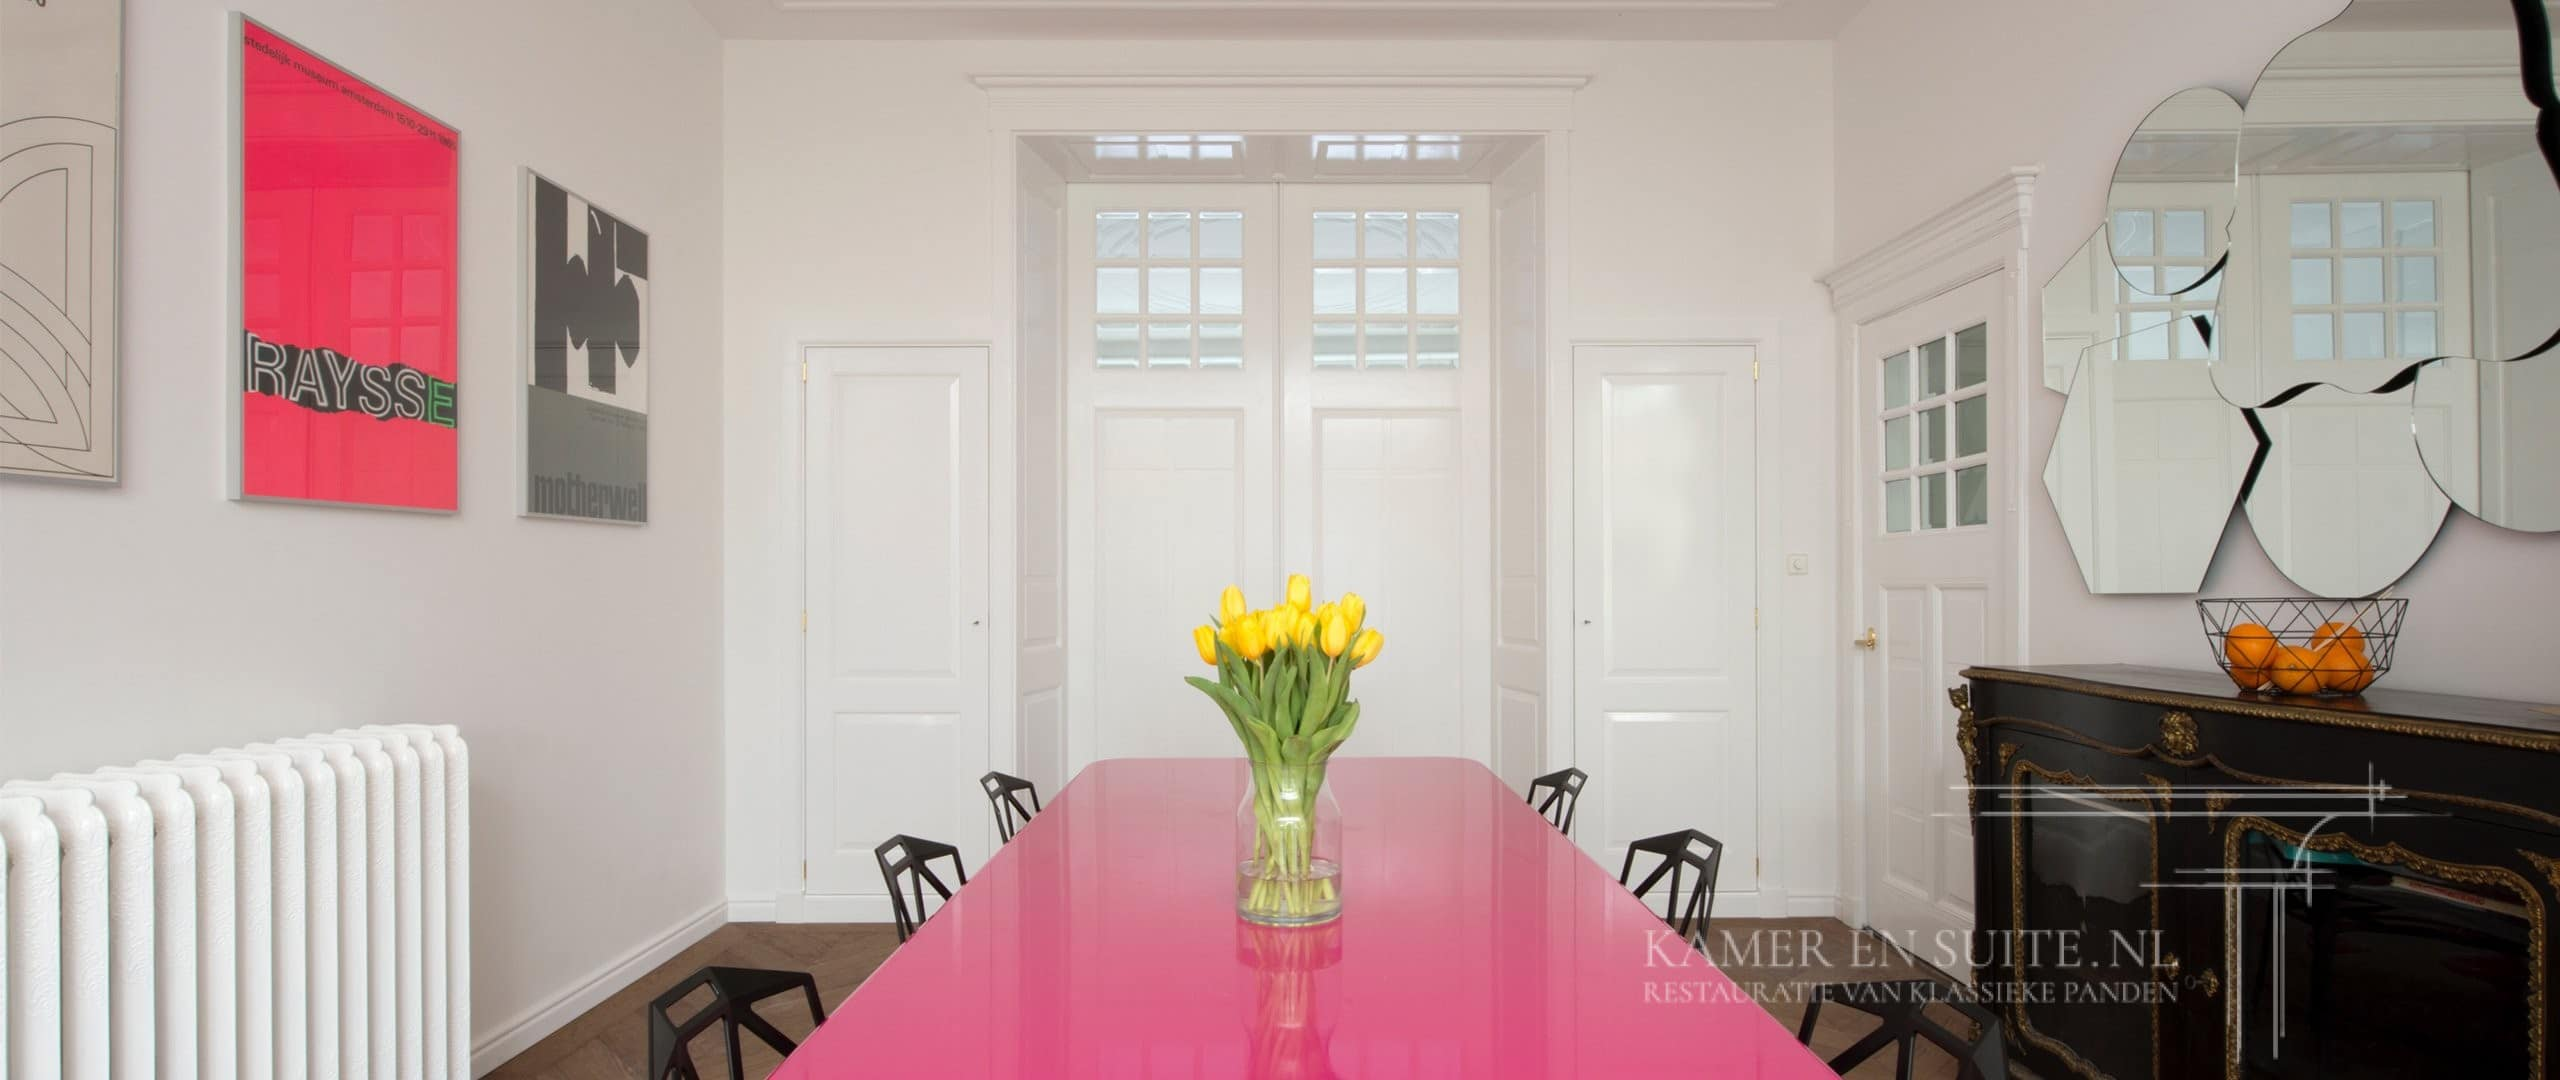 Klassieke kamer en suite kast met een modern inrichting combinatie klassiek en modern